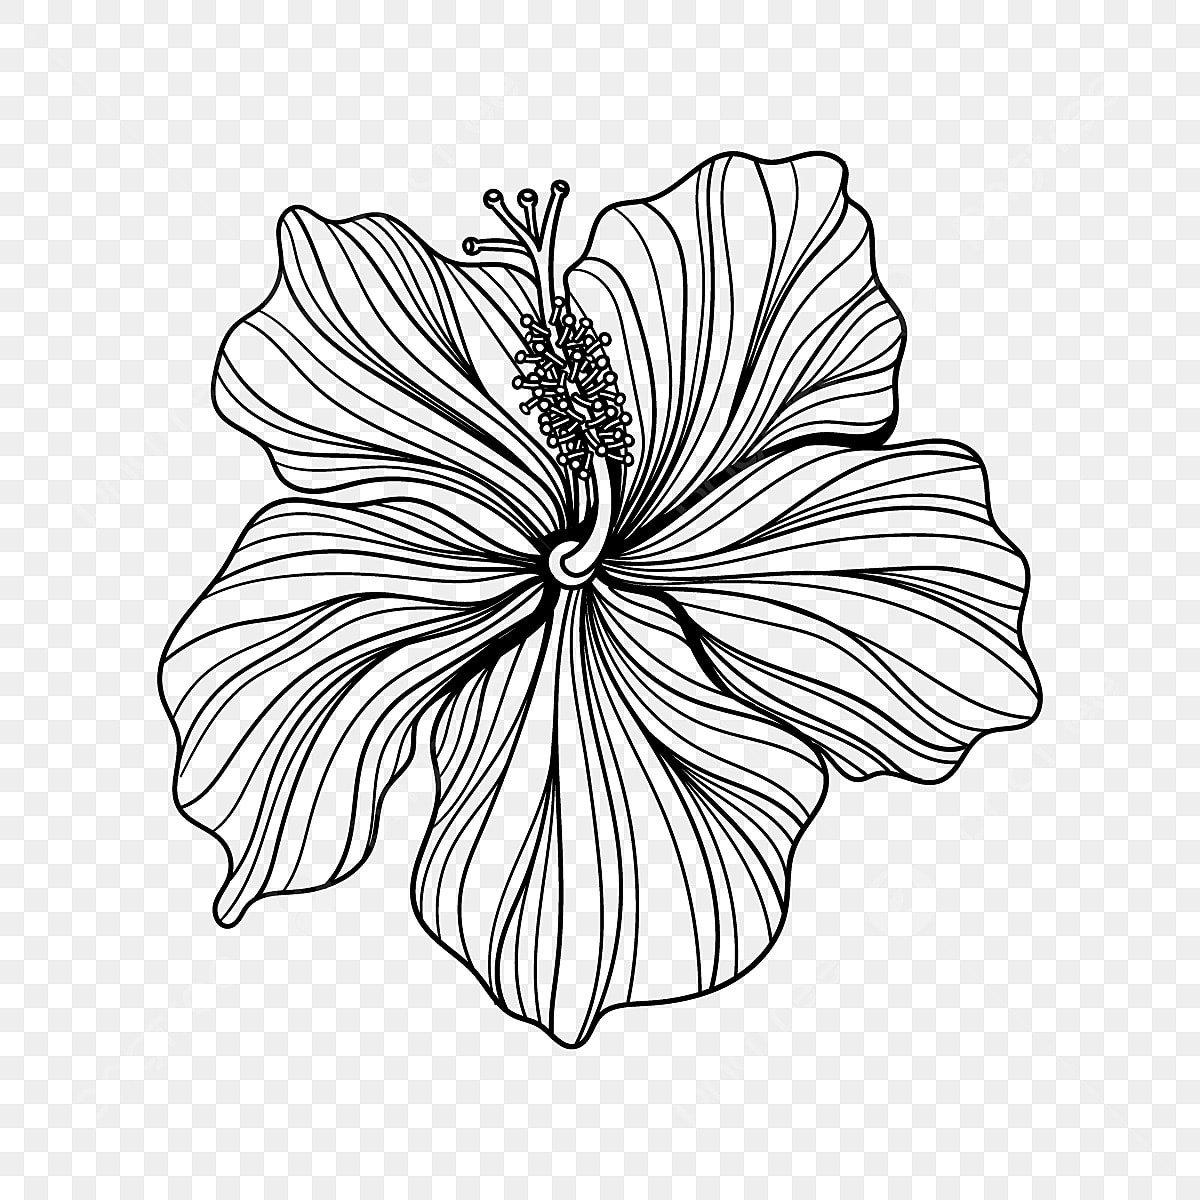 Gambar Ilustrasi Bunga Kembang Sepatu Yang Digambar Tangan Dengan Seni Garis Clipart Bunga Kembang Sepatu Kembang Sepatu Bunga Png Dan Vektor Dengan Latar Belakang Transparan Untuk Unduh Gratis